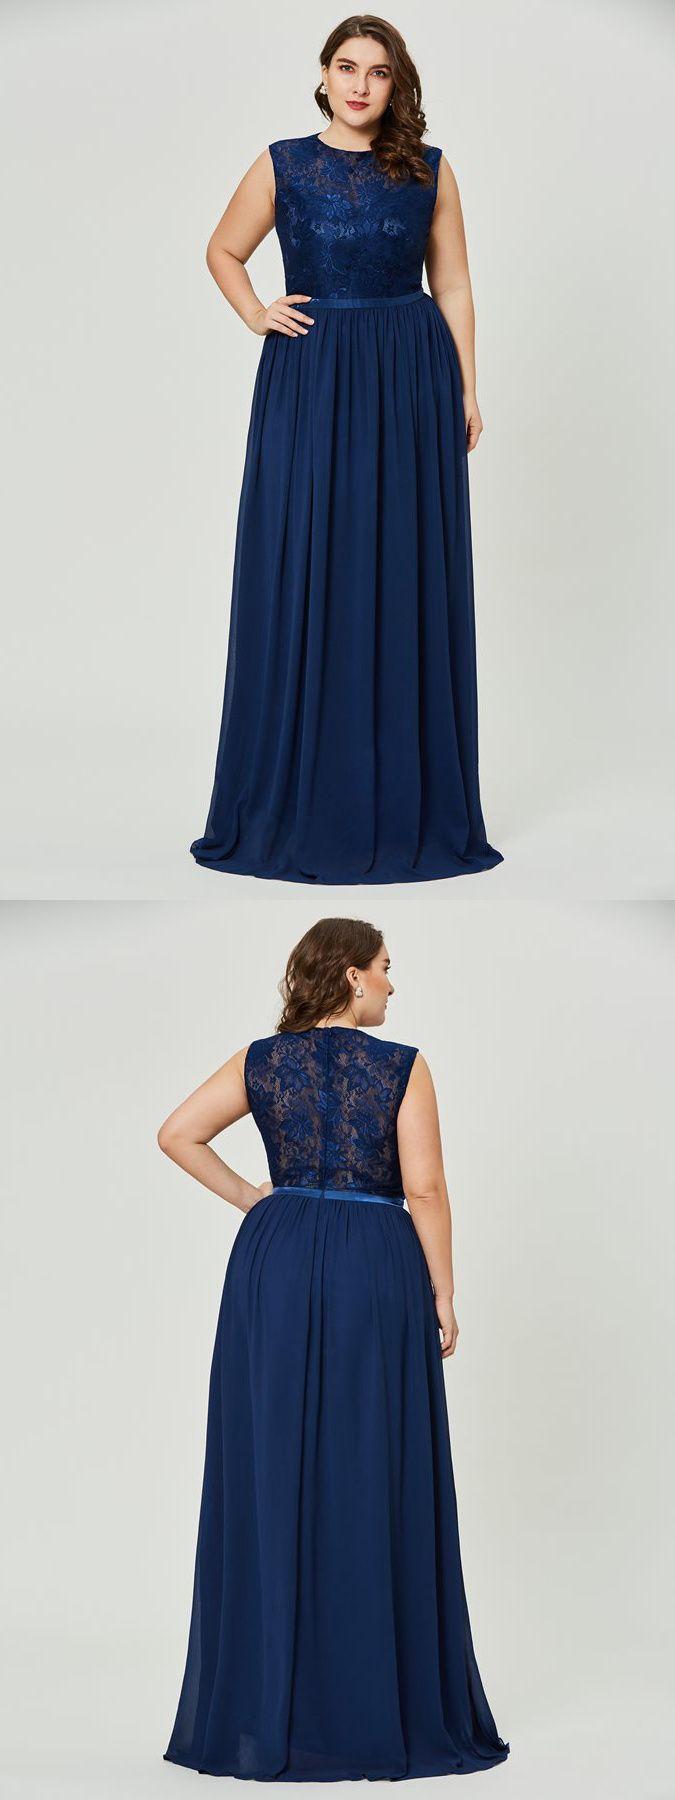 Abendkleider Lang Große Größen Brautjungfernkleider Für ...